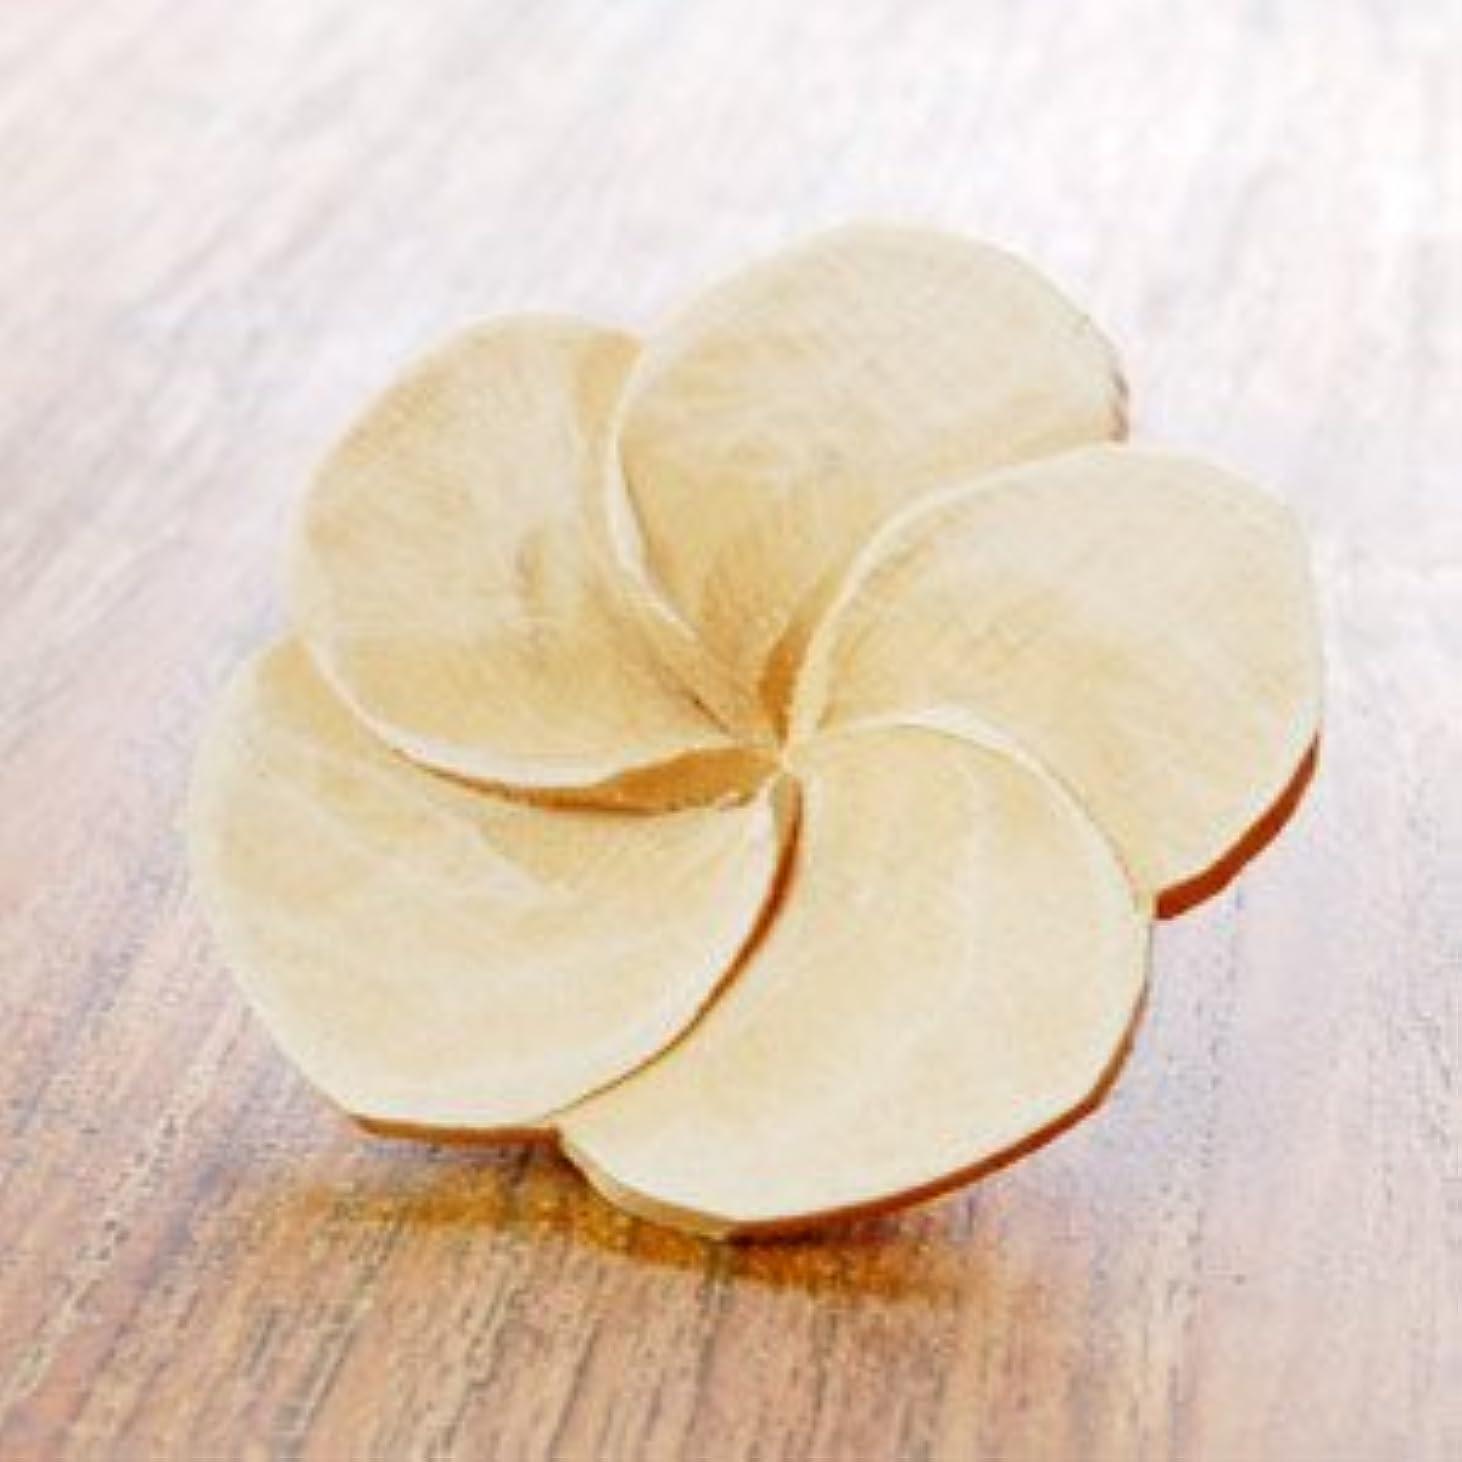 作曲する魅力蒸気【アジア工房】プルメリアの花びらをモチーフにした木製アロマフラワー[Aタイプ][10891] [並行輸入品]